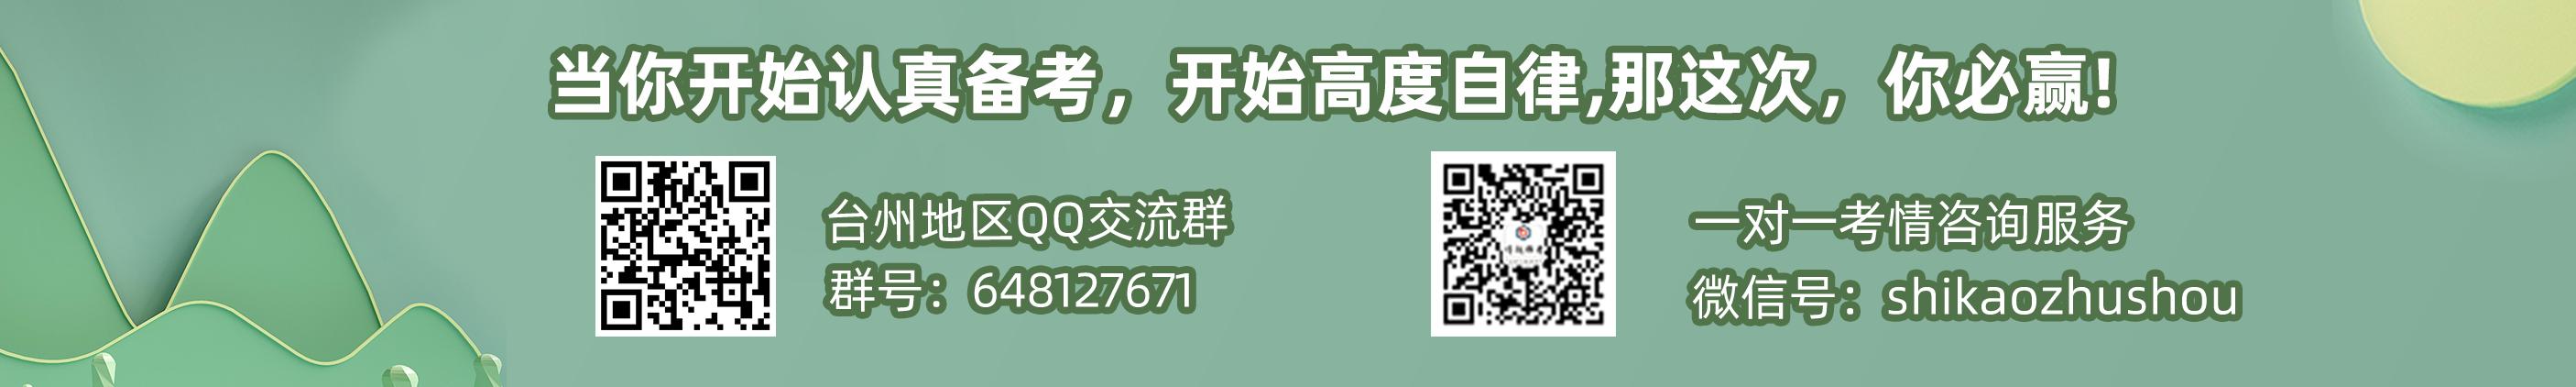 网页小banner台州.png